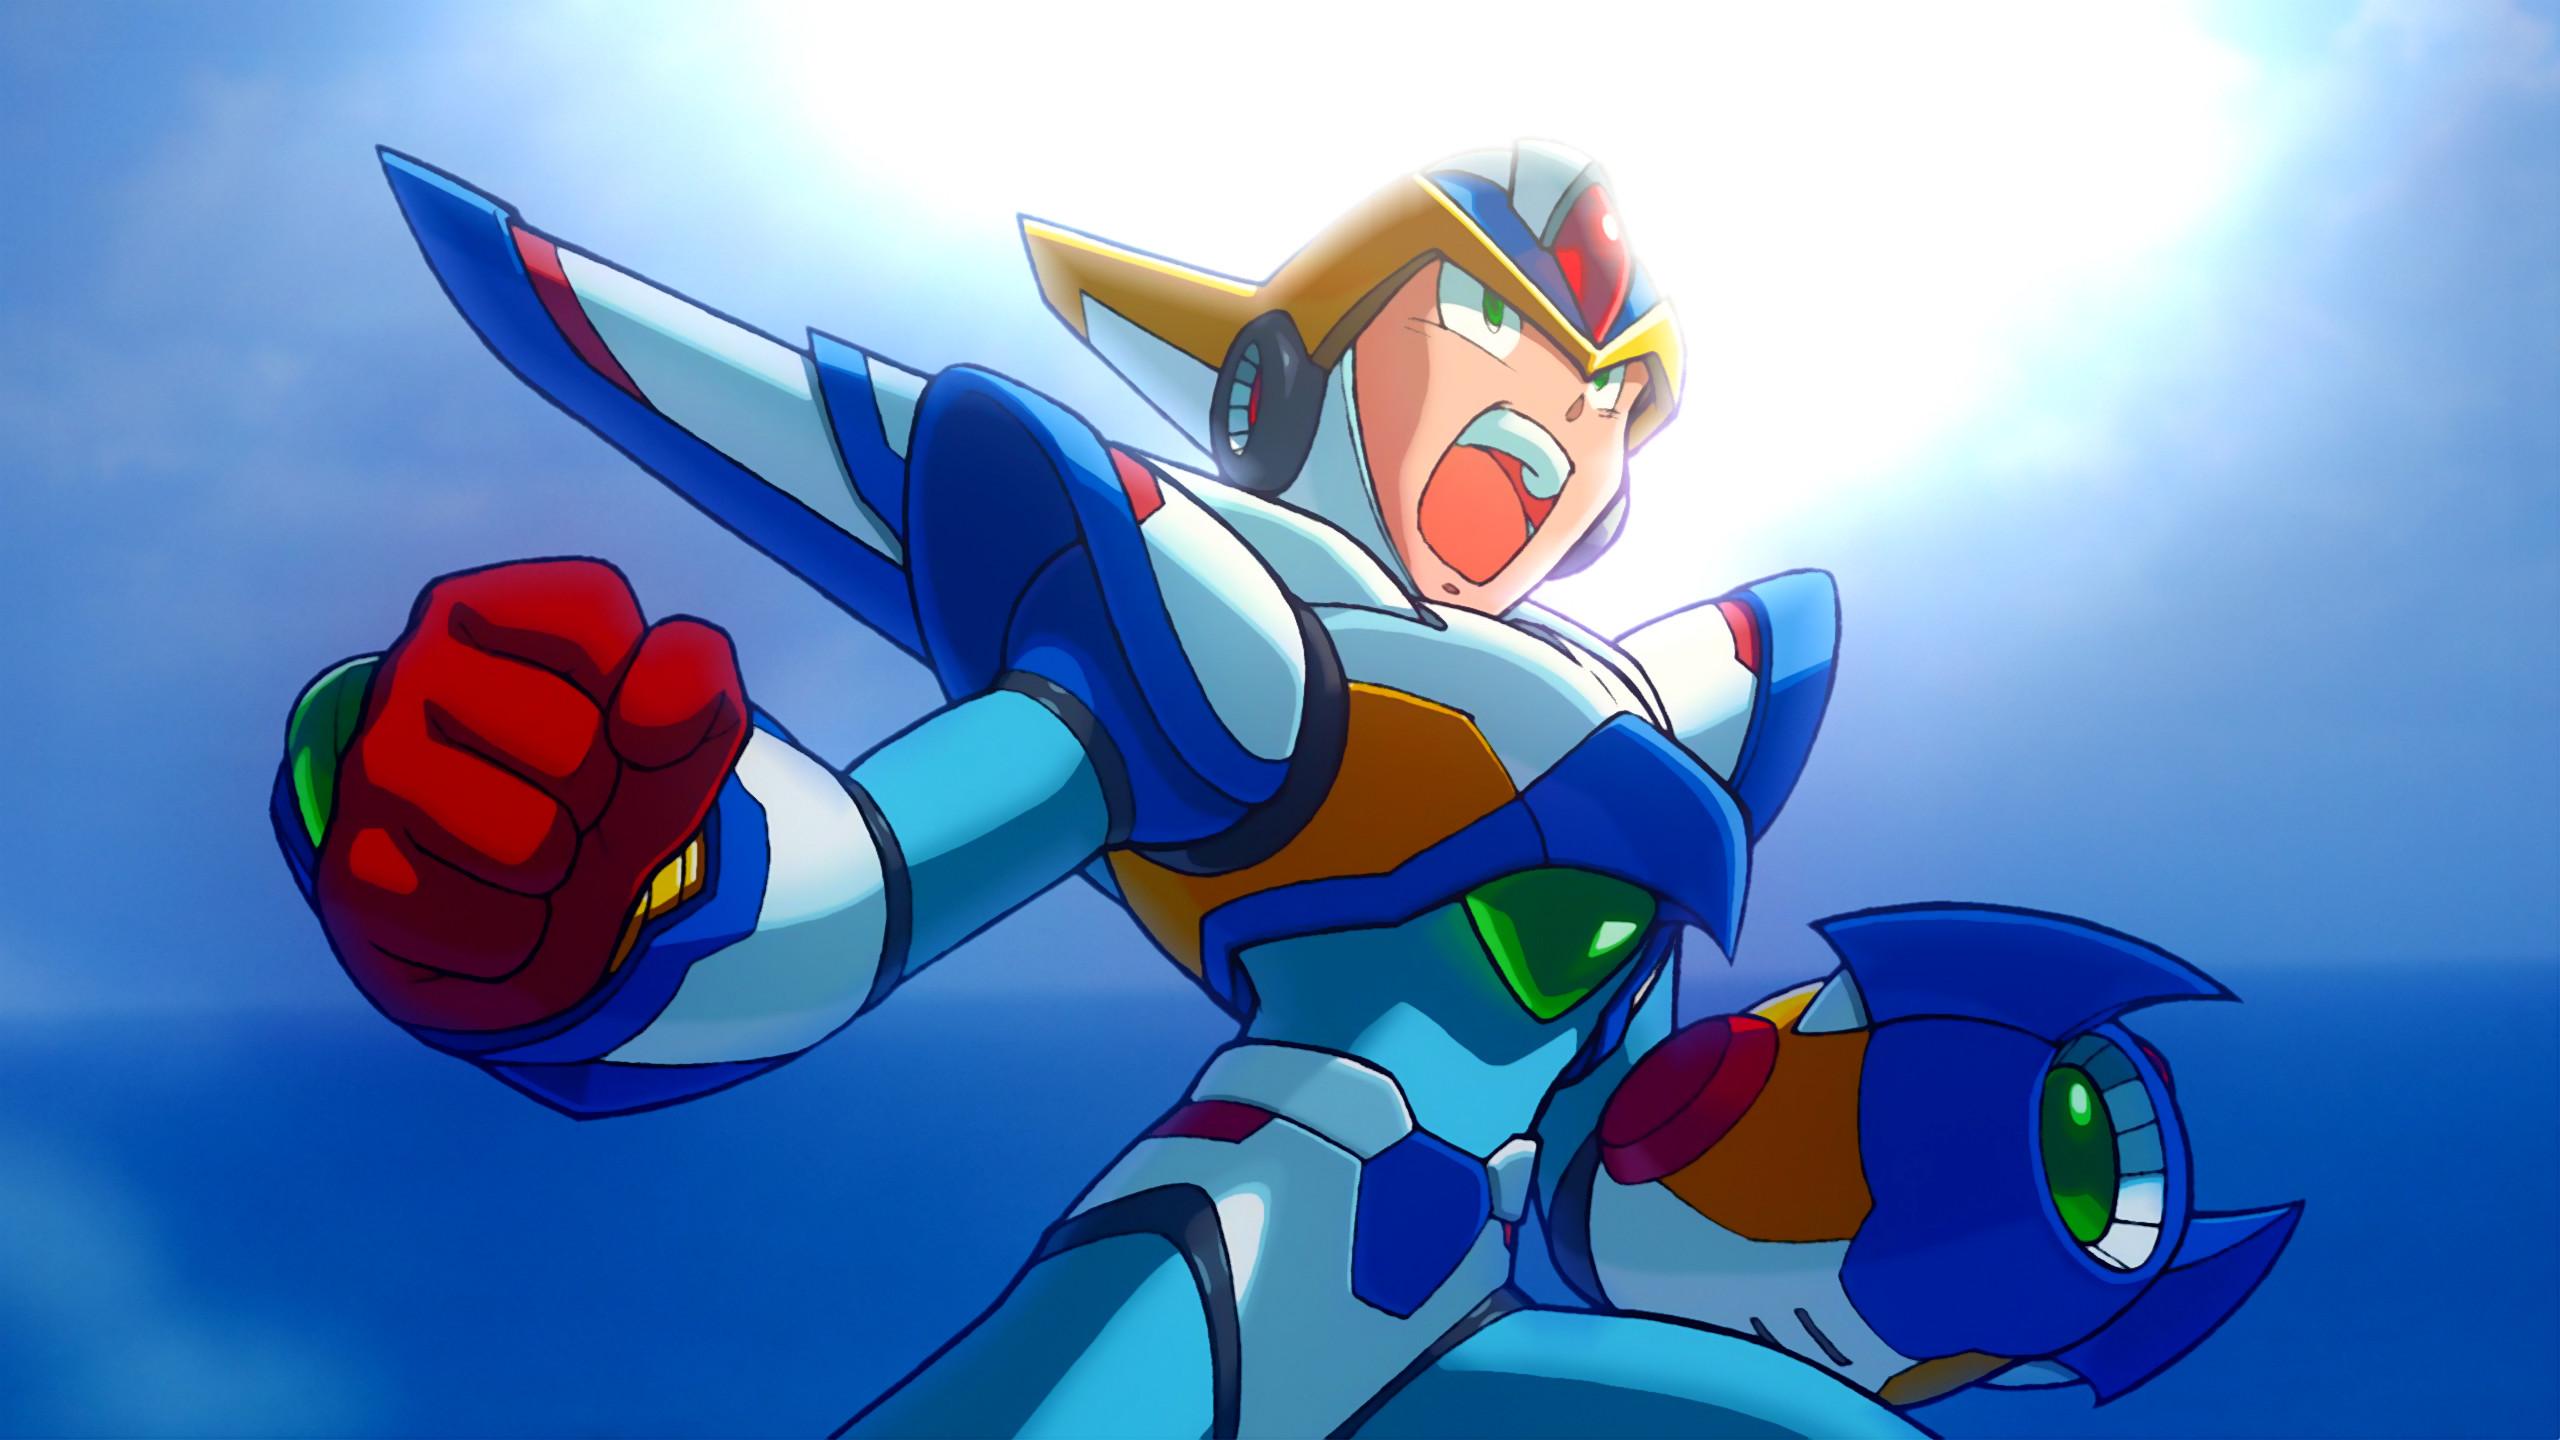 … Megaman X: Falcon[3] by Light-Rock